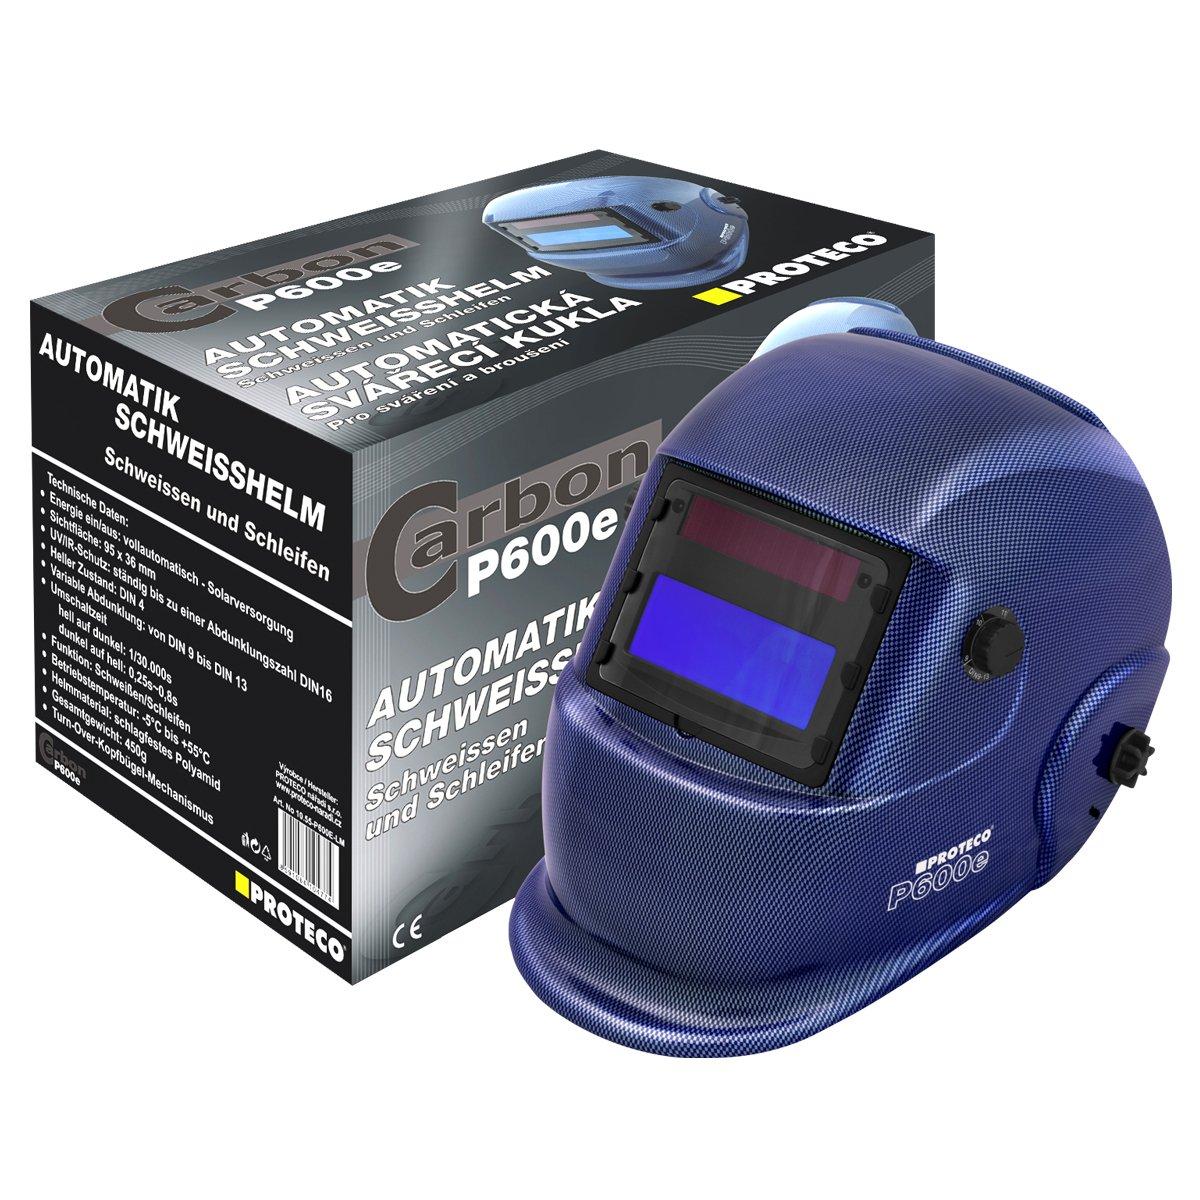 PROTECO de herramientas® p600e Solar Casco de soldar automático - Casco de soldador soldar Máscara sudor Cartel automático casco azul: Amazon.es: Bricolaje ...